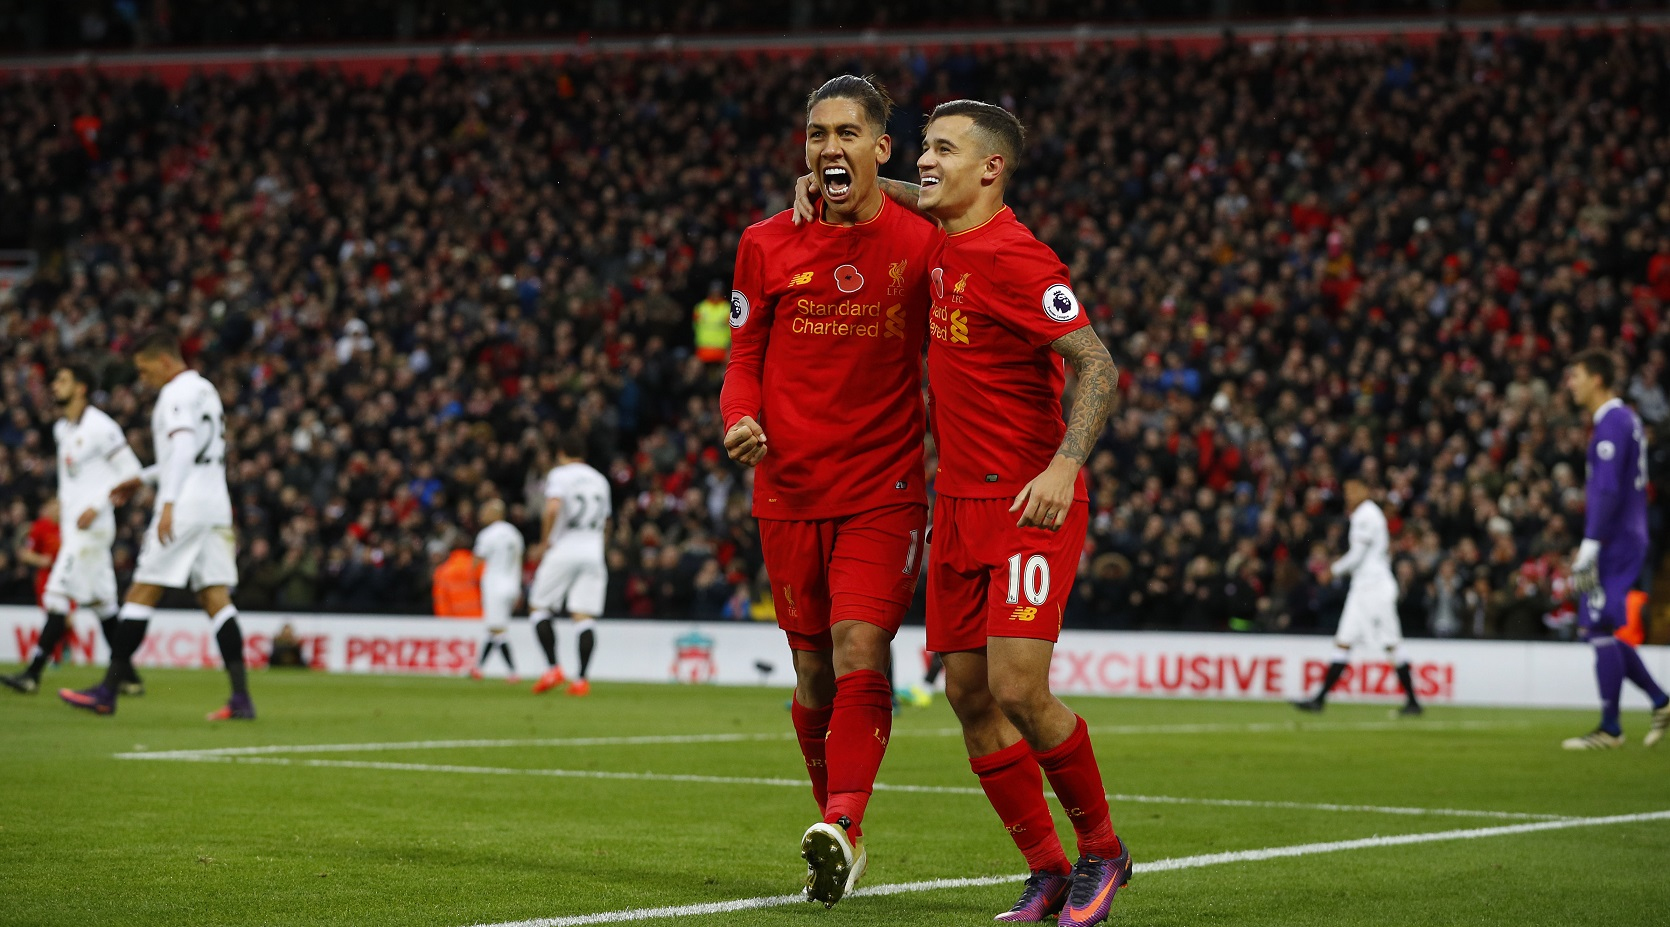 أهداف مباراة ليفربول وبرايتون 5-1 الدوري الإنجليزي